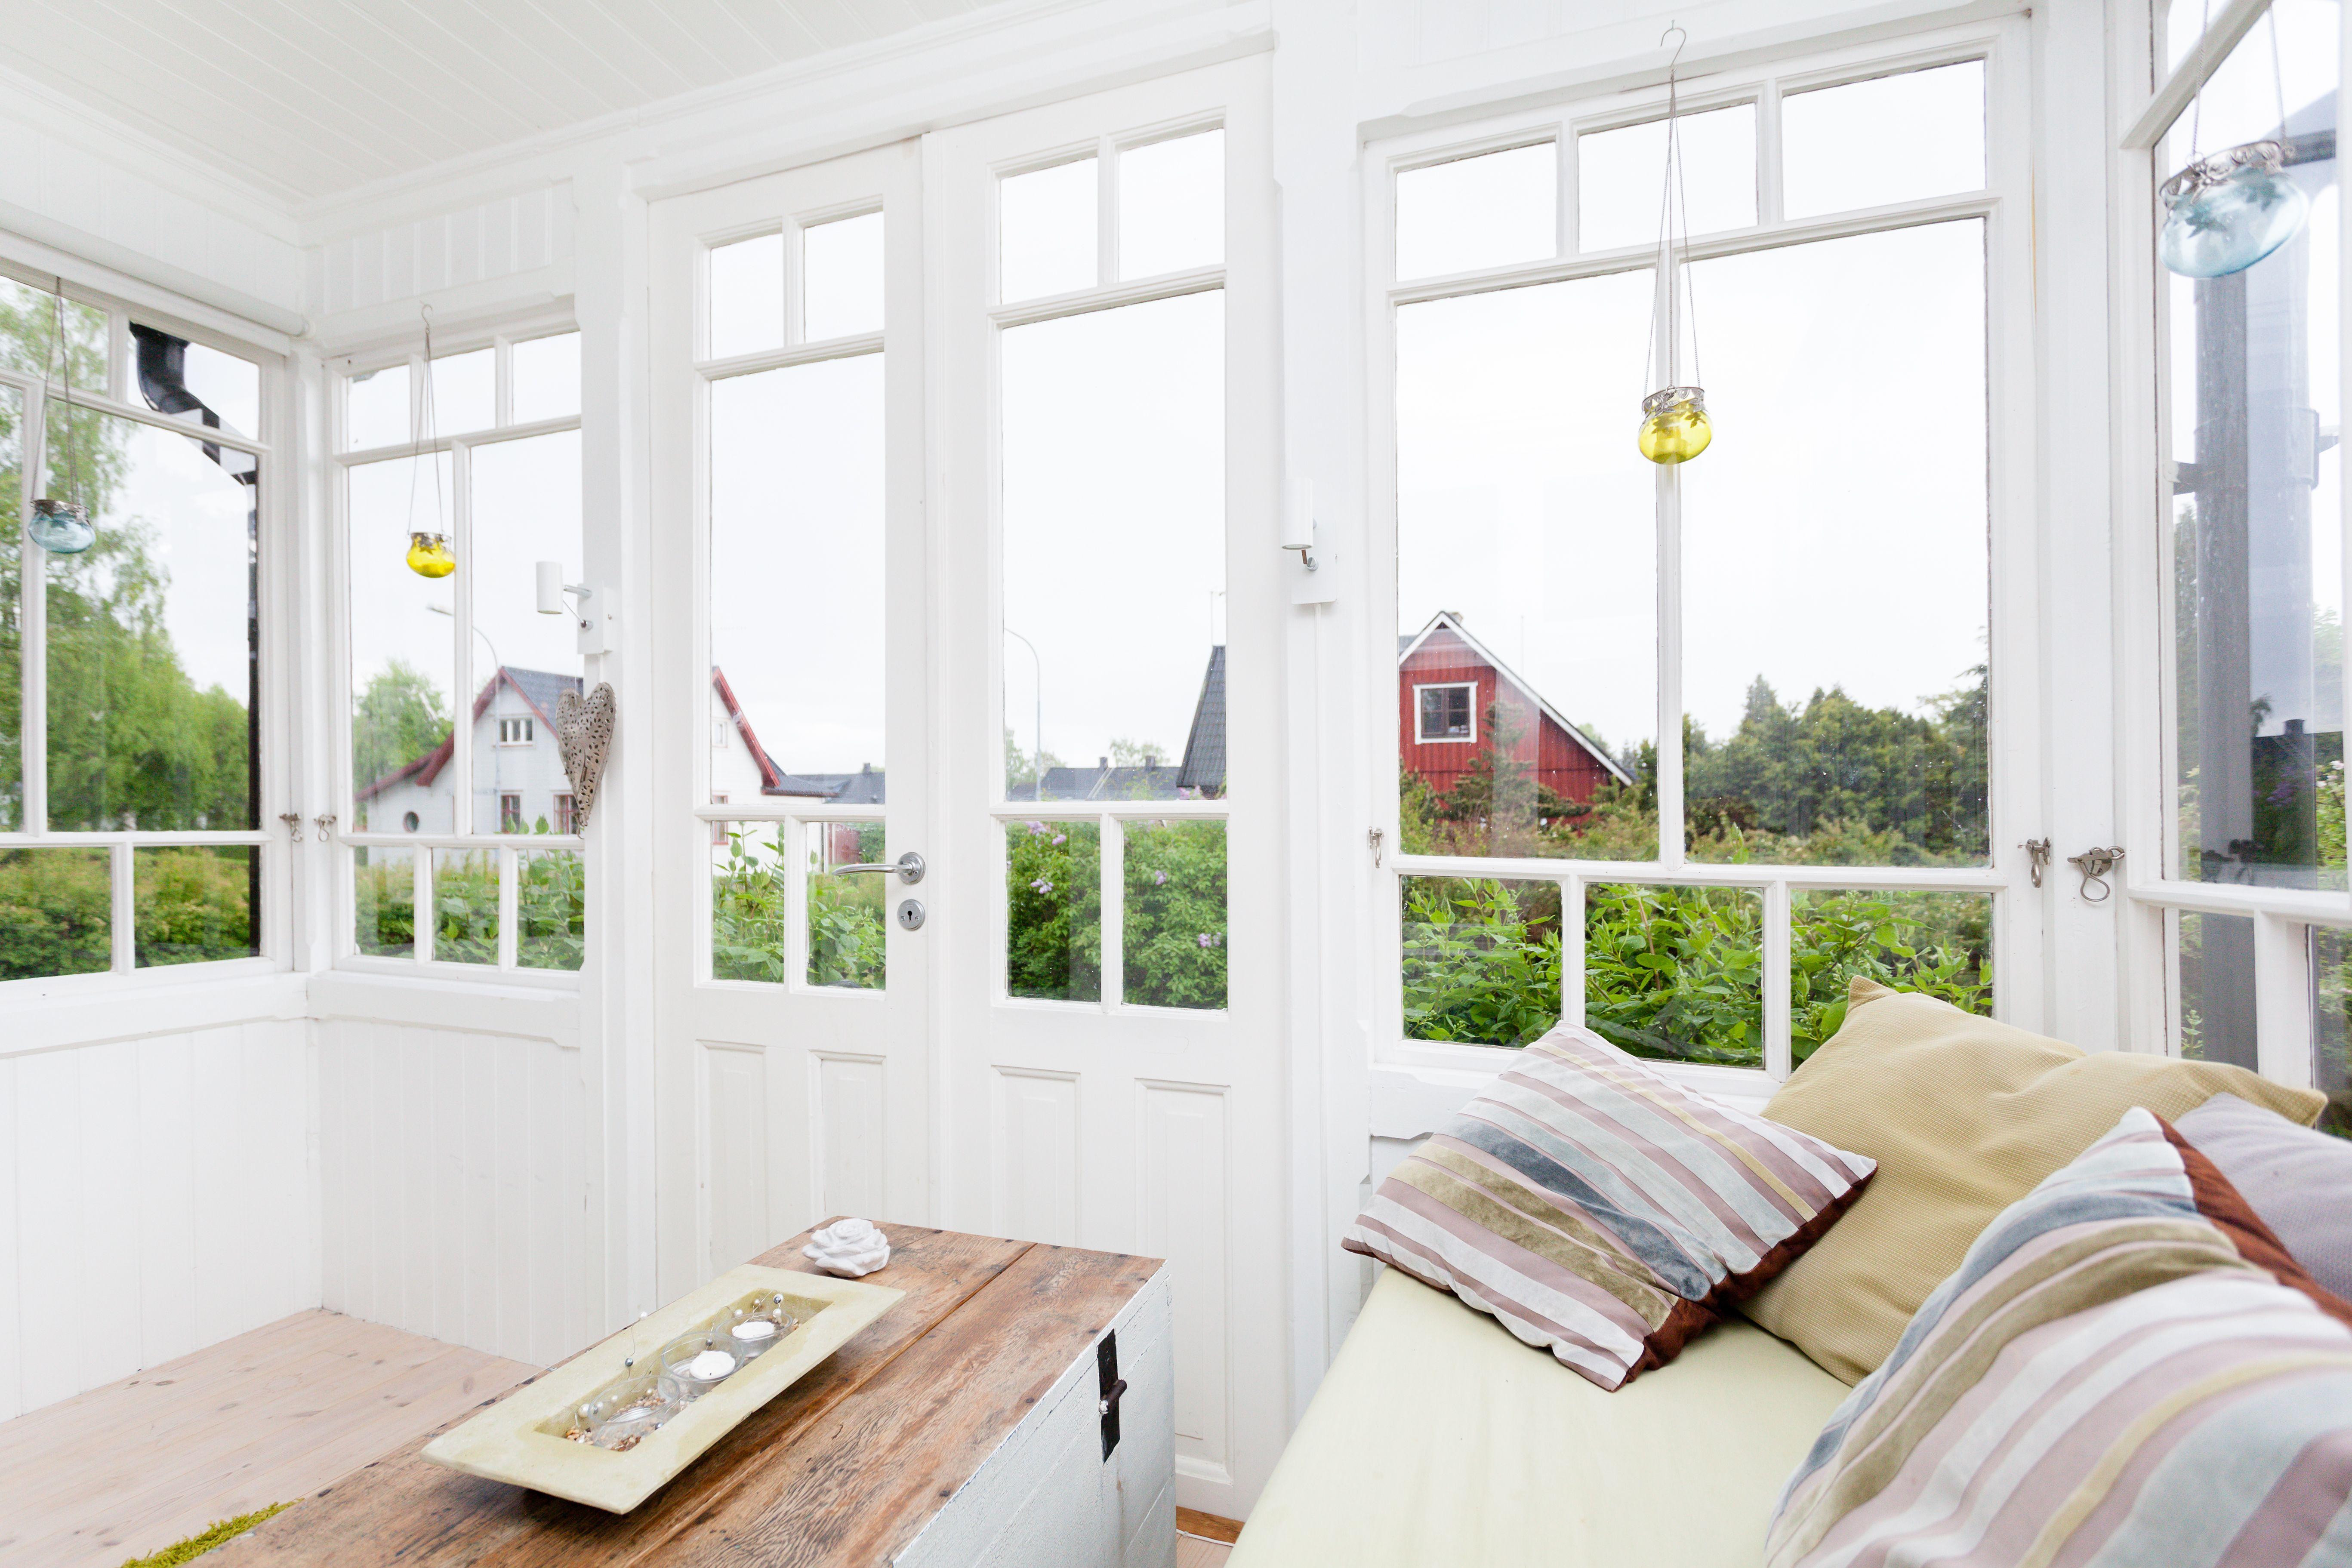 Instalación de ventanas y persianas a medida